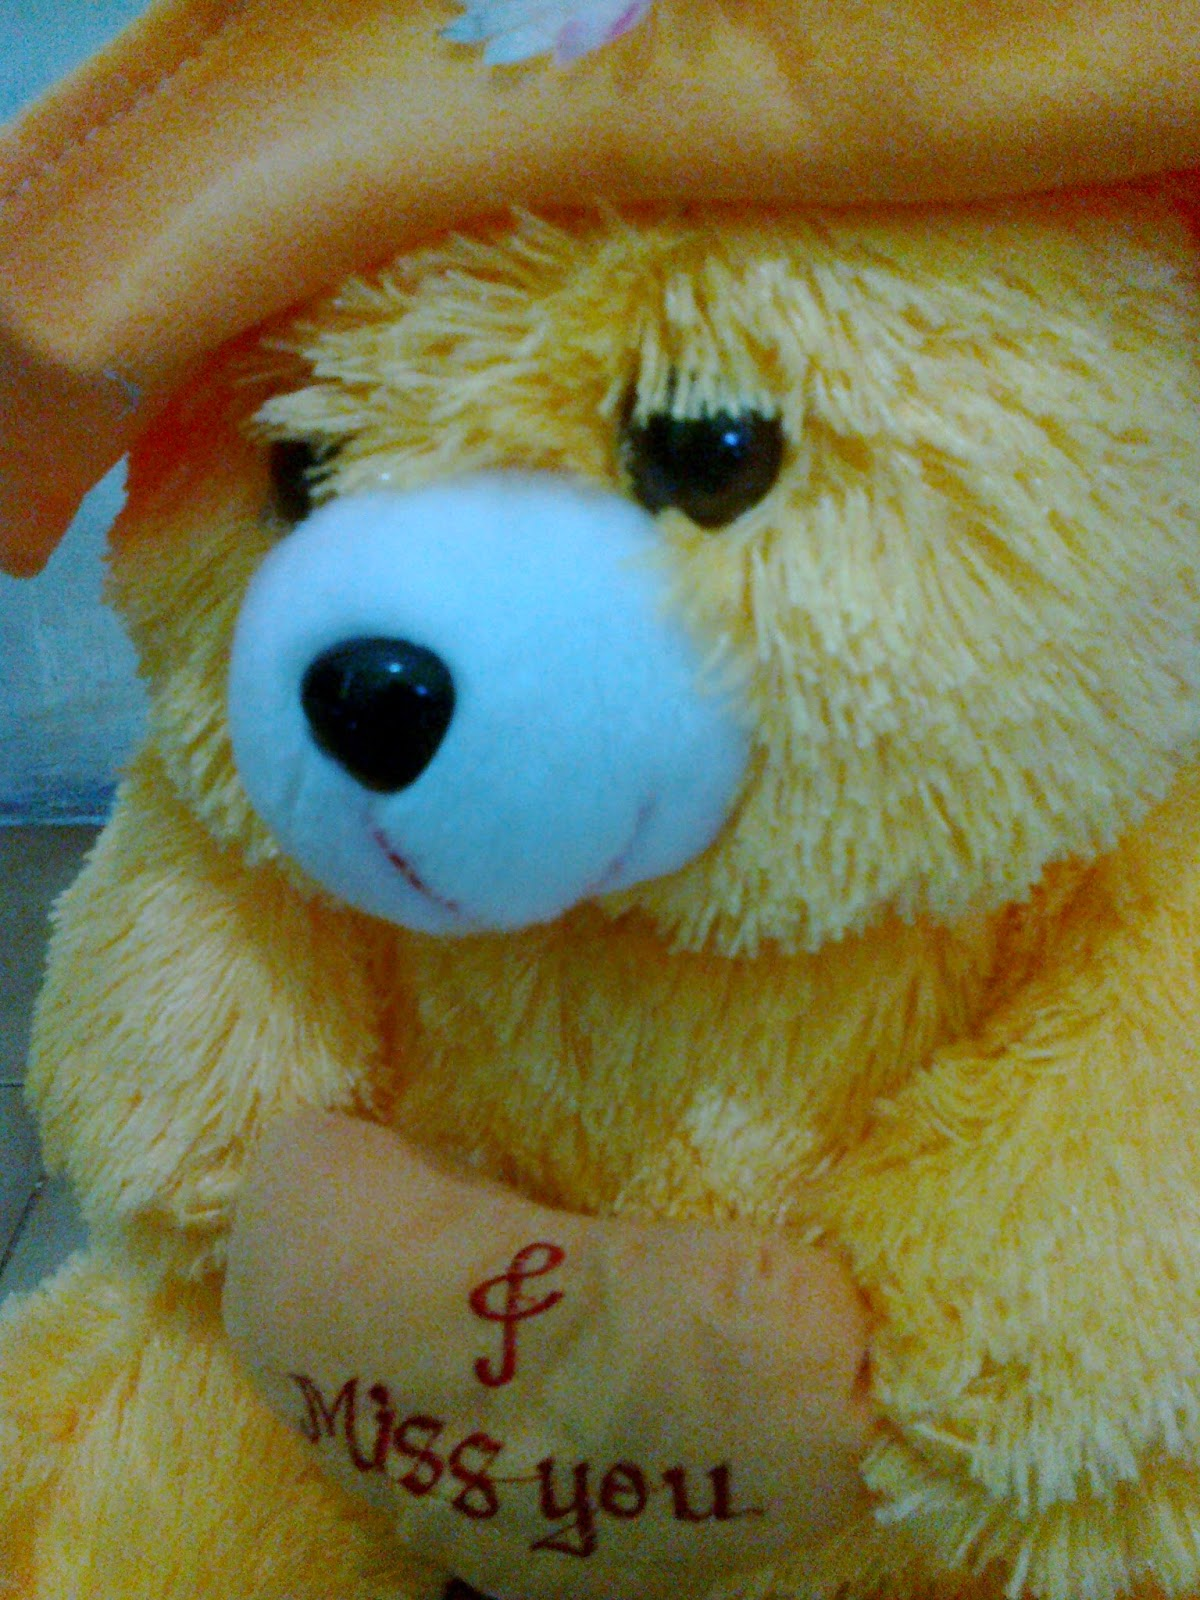 Wallpaper Lucu Beruang Terbaru Gambar Dp Bbm Boneka Jumbo Loved Kumpulan Teddy Bear